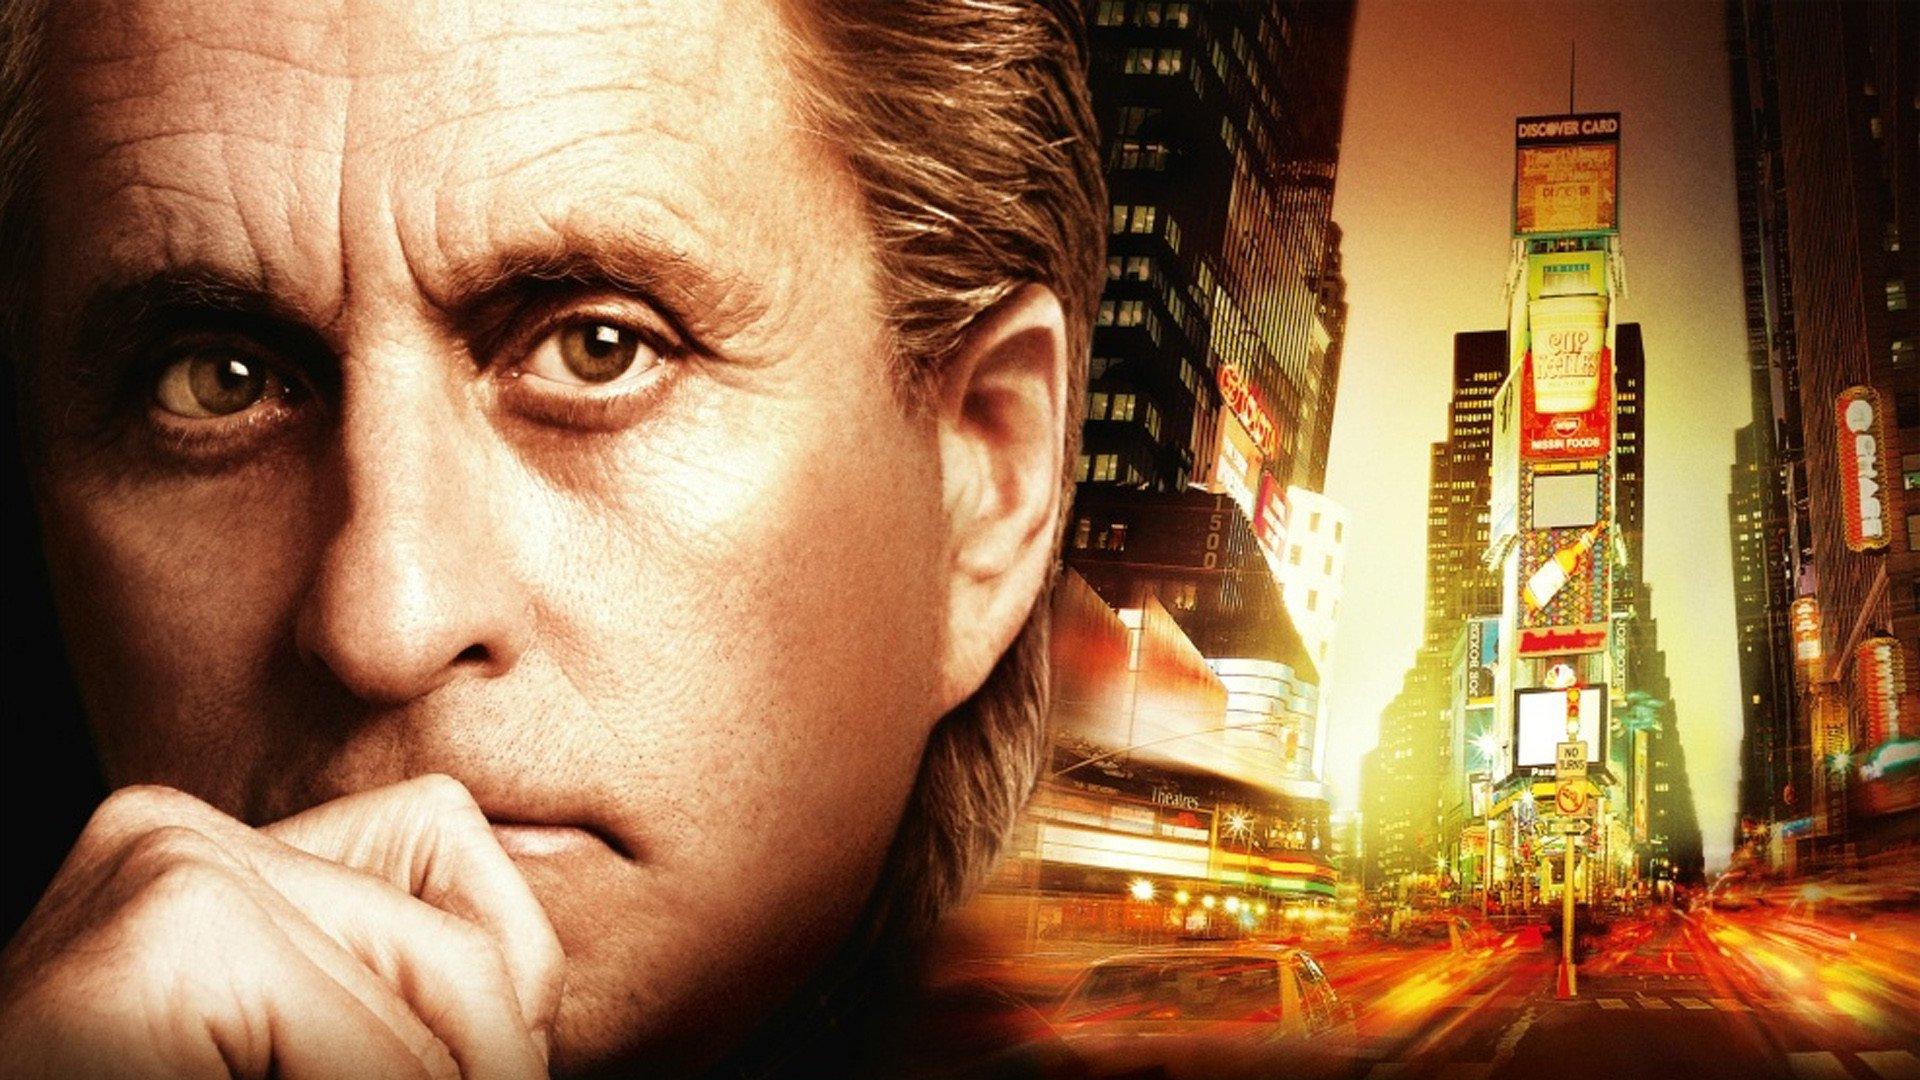 看财经评论员写影评:电影中堕落的华尔街都是真实的吗?-钛媒体官方网站